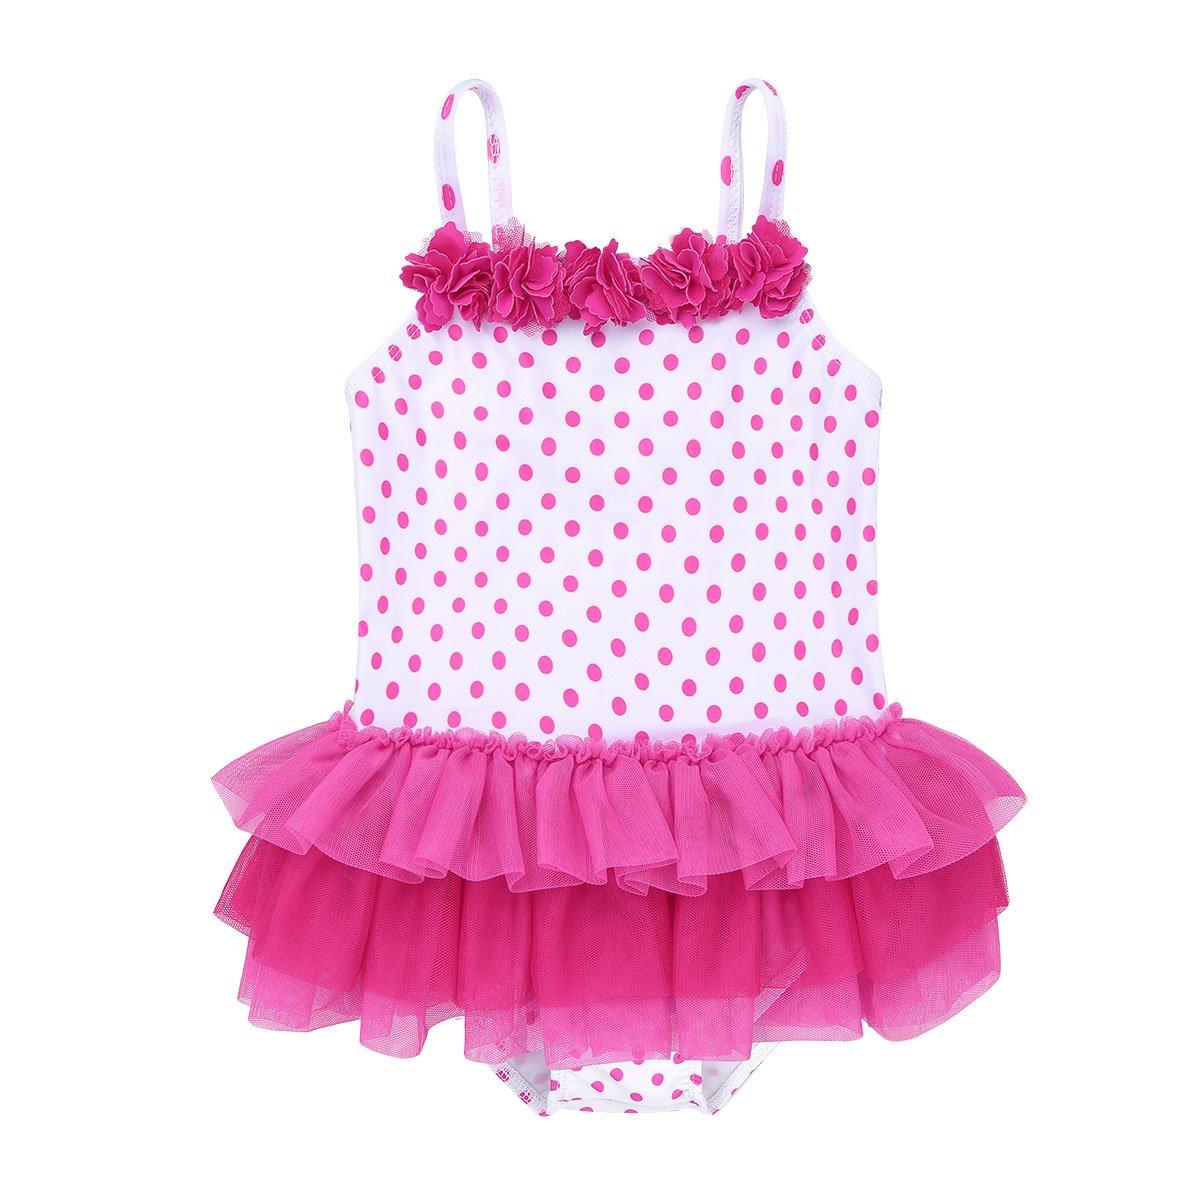 Tiaobug Baby Badeanzug Mädchen Schwimmanzug Badenmode Einteiler one Piece Streifen Bikini Tankini Badekleid mit Punkte Rüschen Retro Chic Stil Badebekleidung